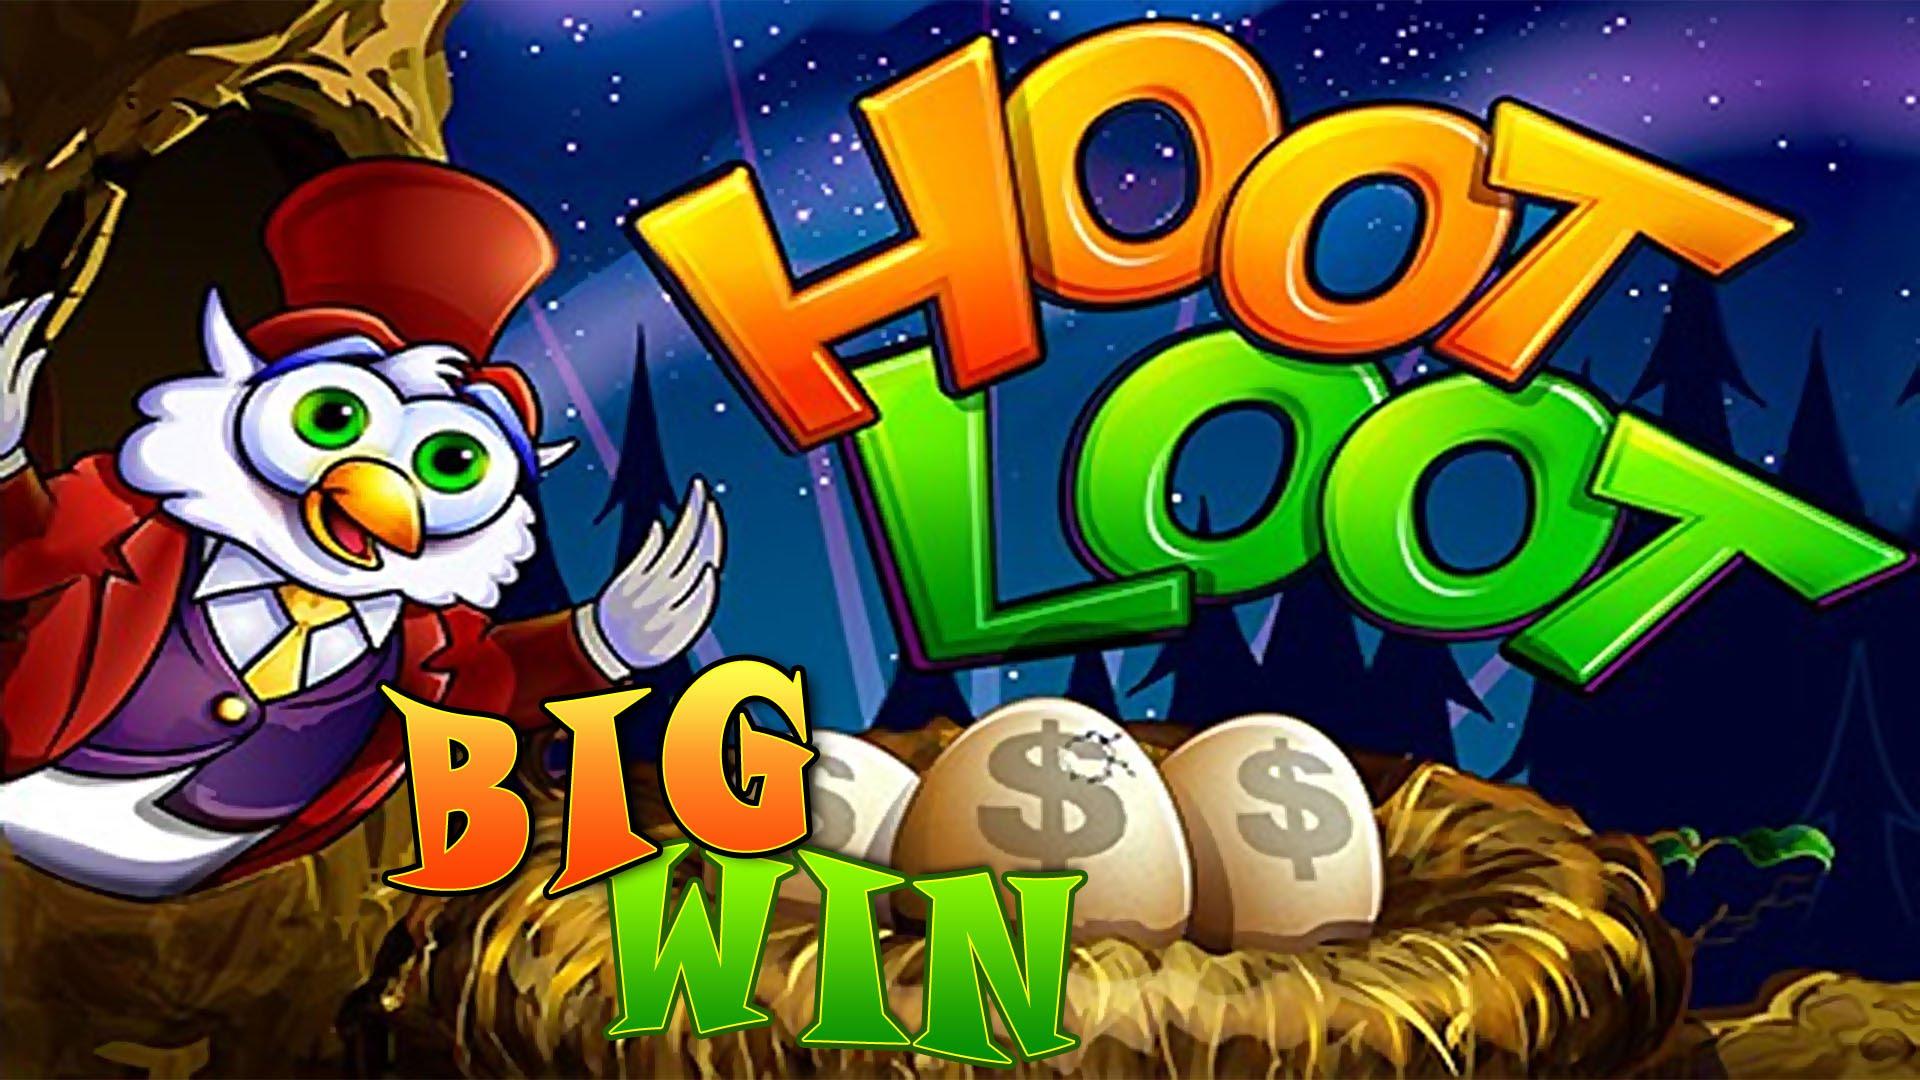 Footloose Slots - игровая информация и бесплатная онлайн-игра